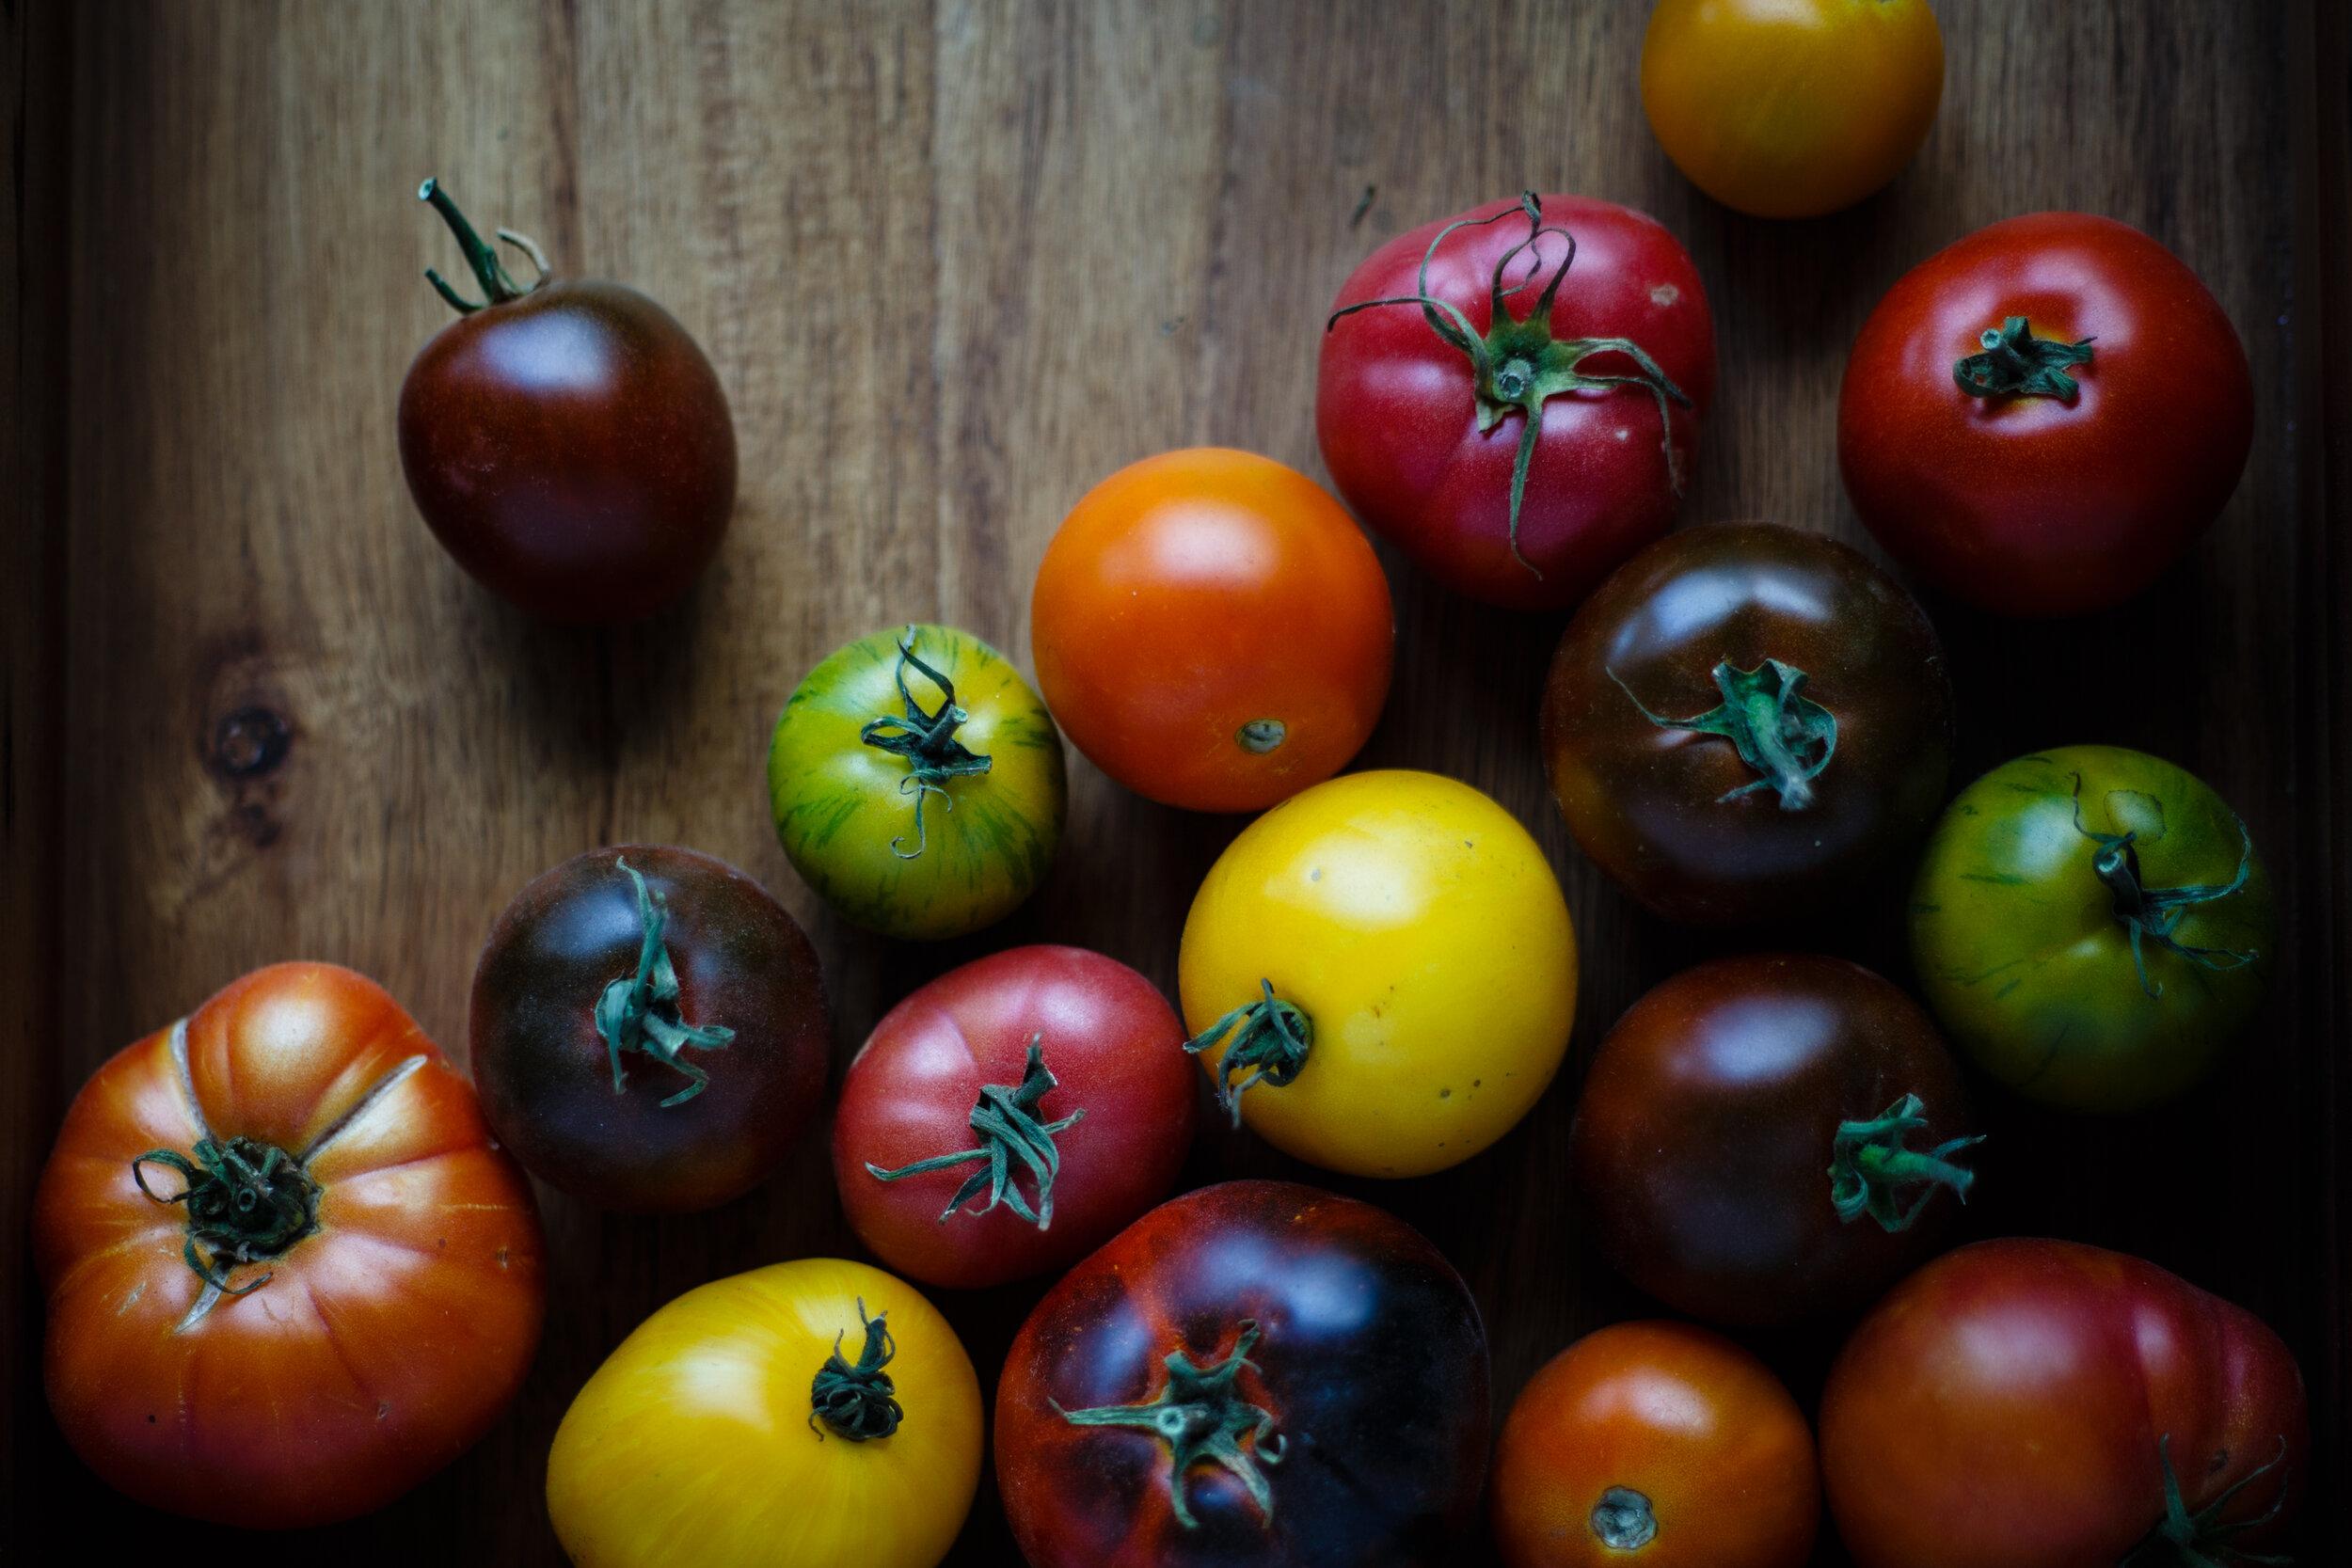 Heirloom tomato varietals for Checca